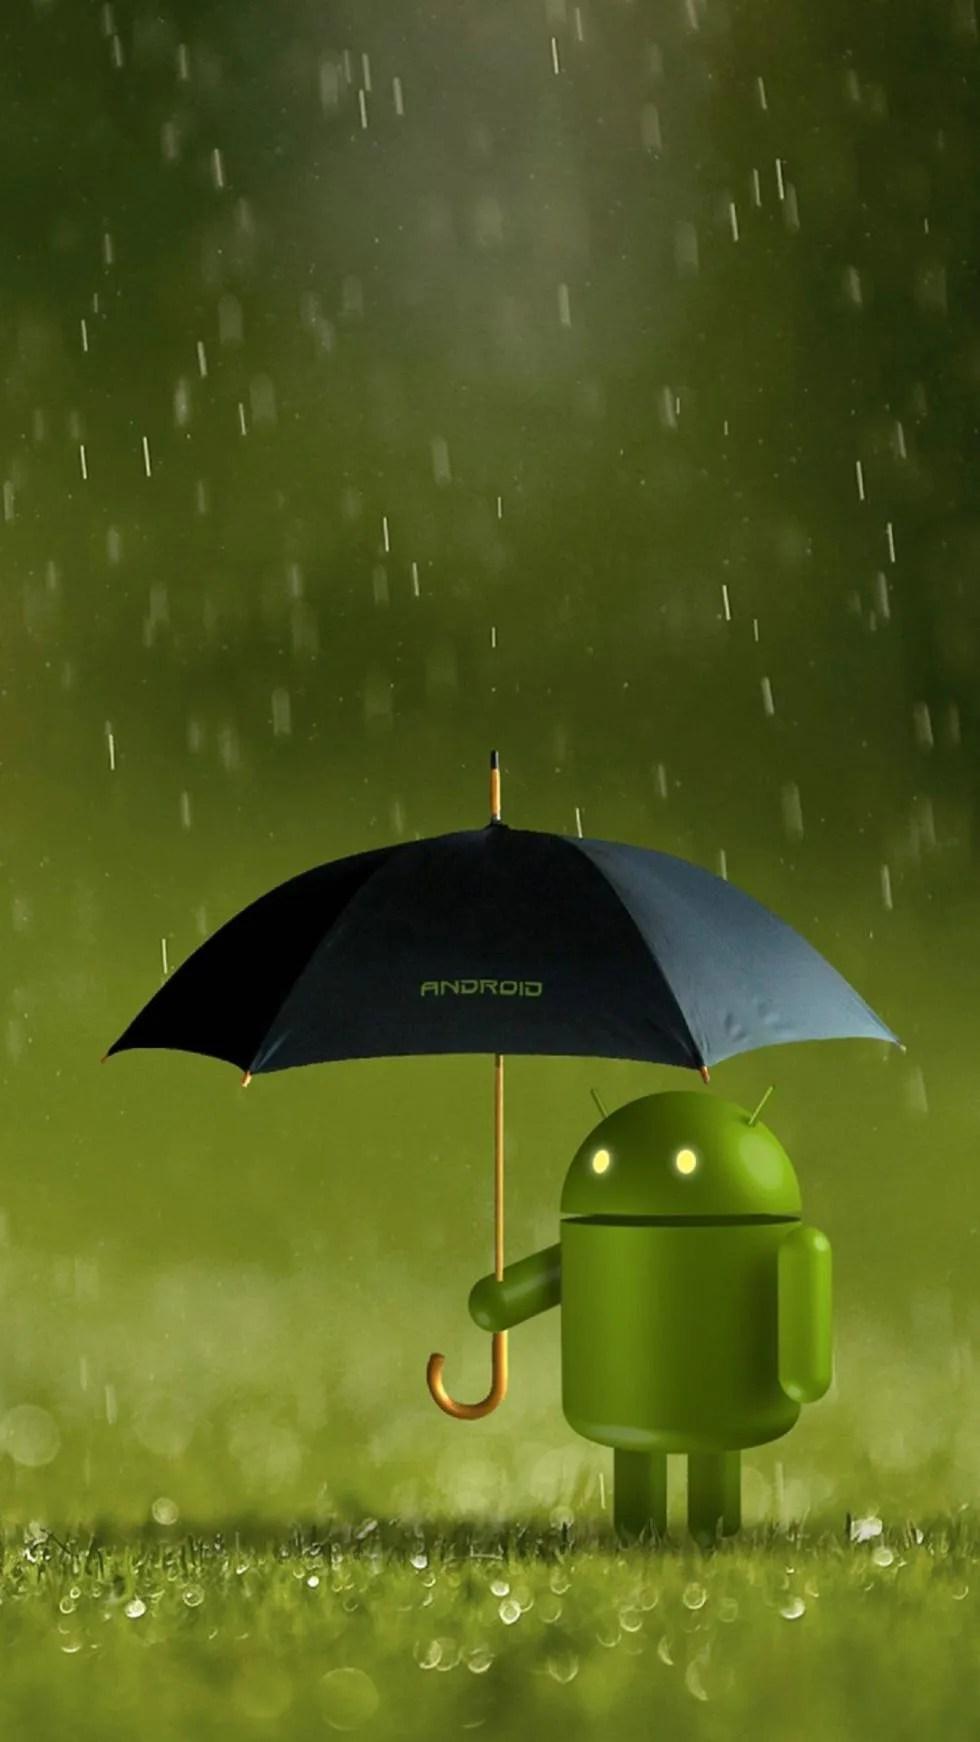 Los 50 mejores fondos de pantalla o wallpapers para Android | Tecnología - ComputerHoy.com